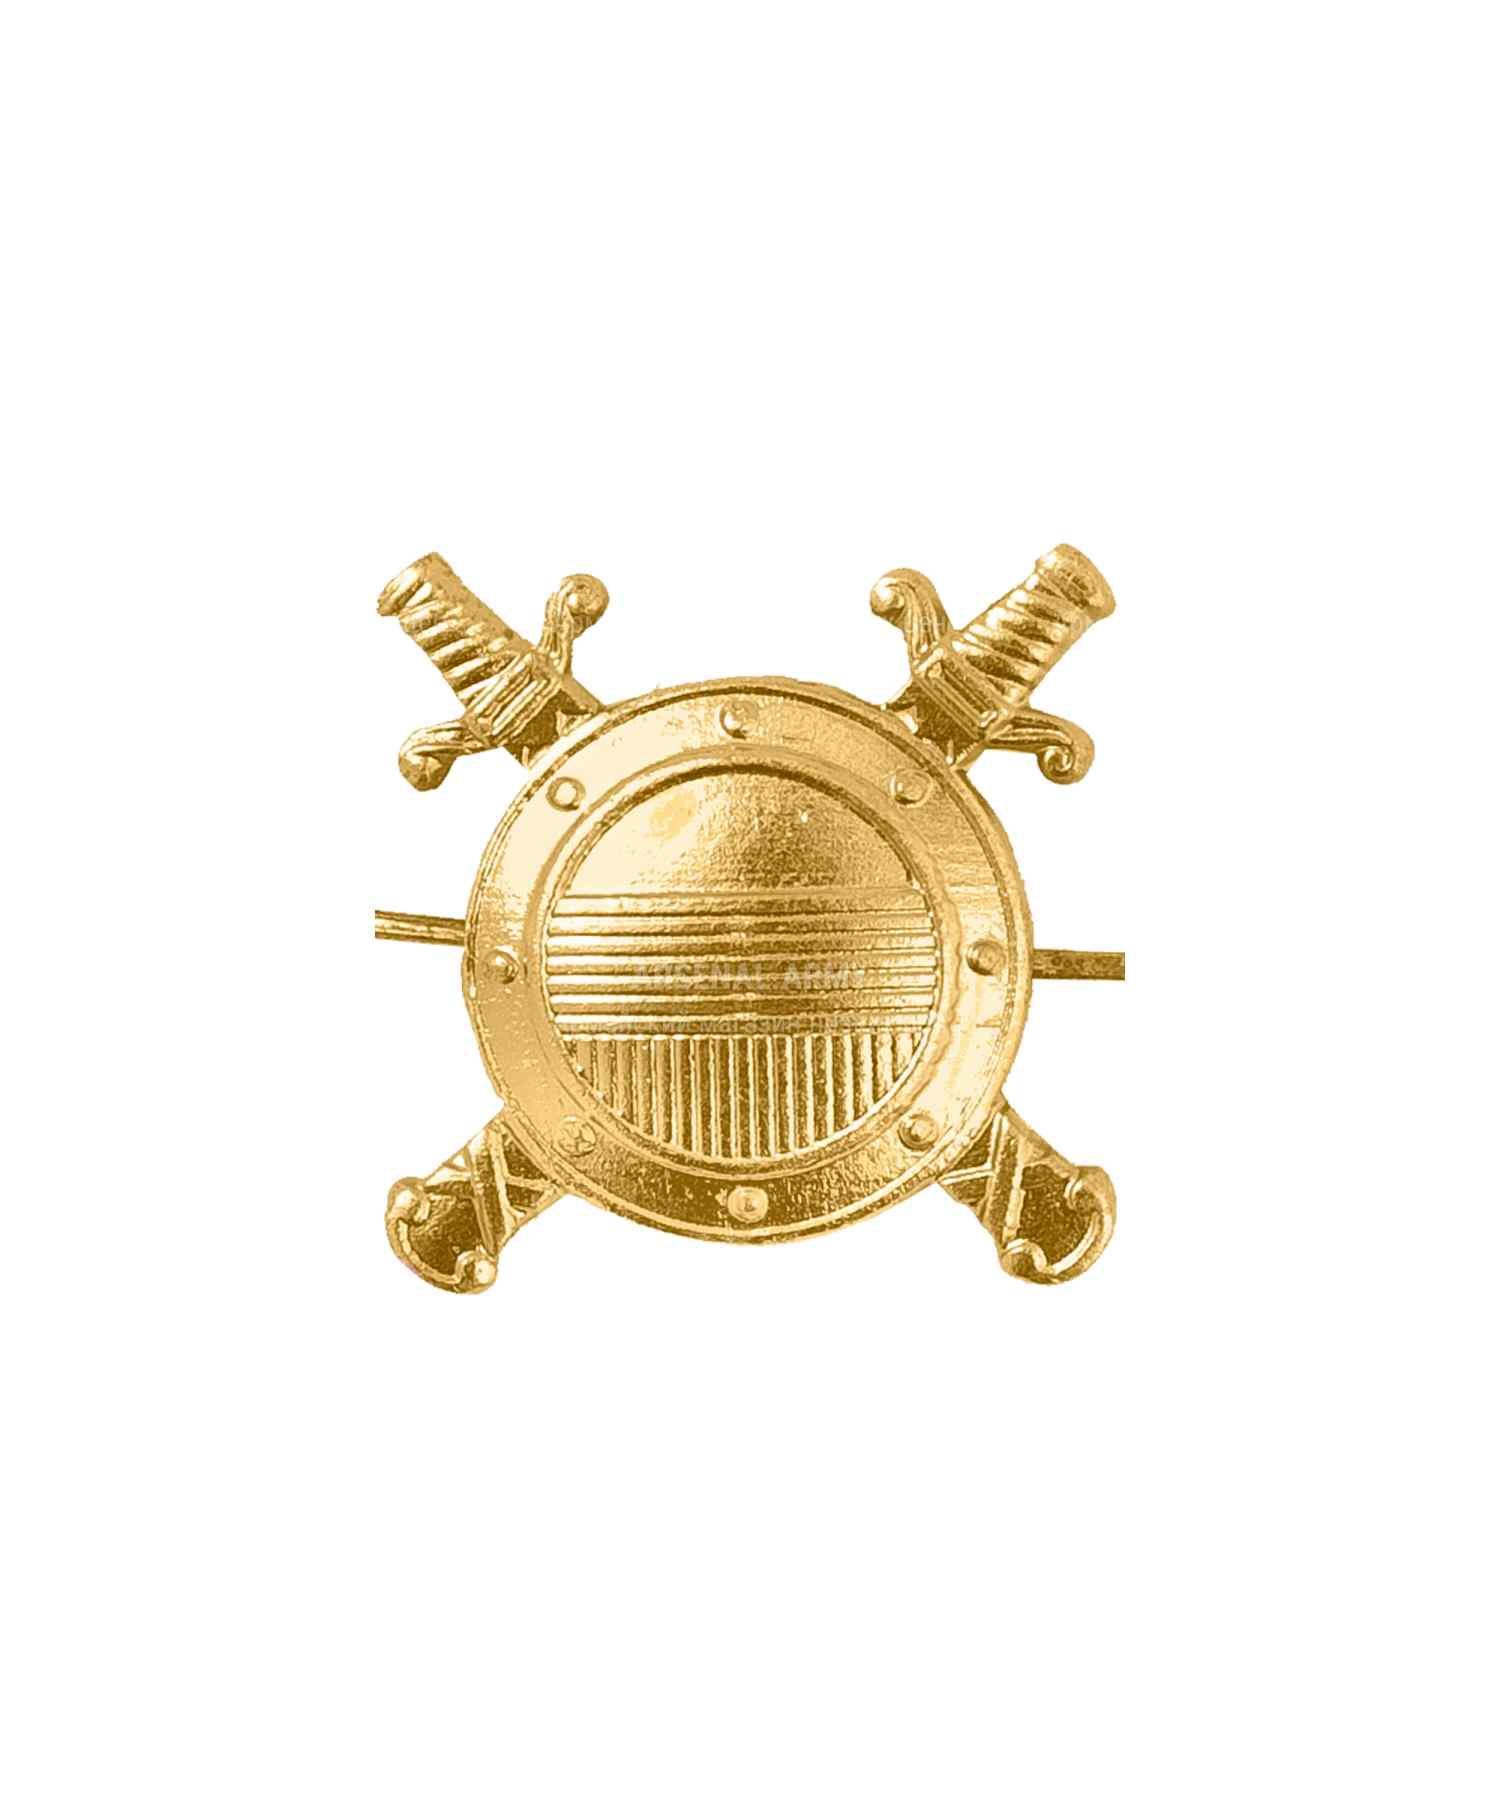 Эмблема внутренняя служба металлическая золото